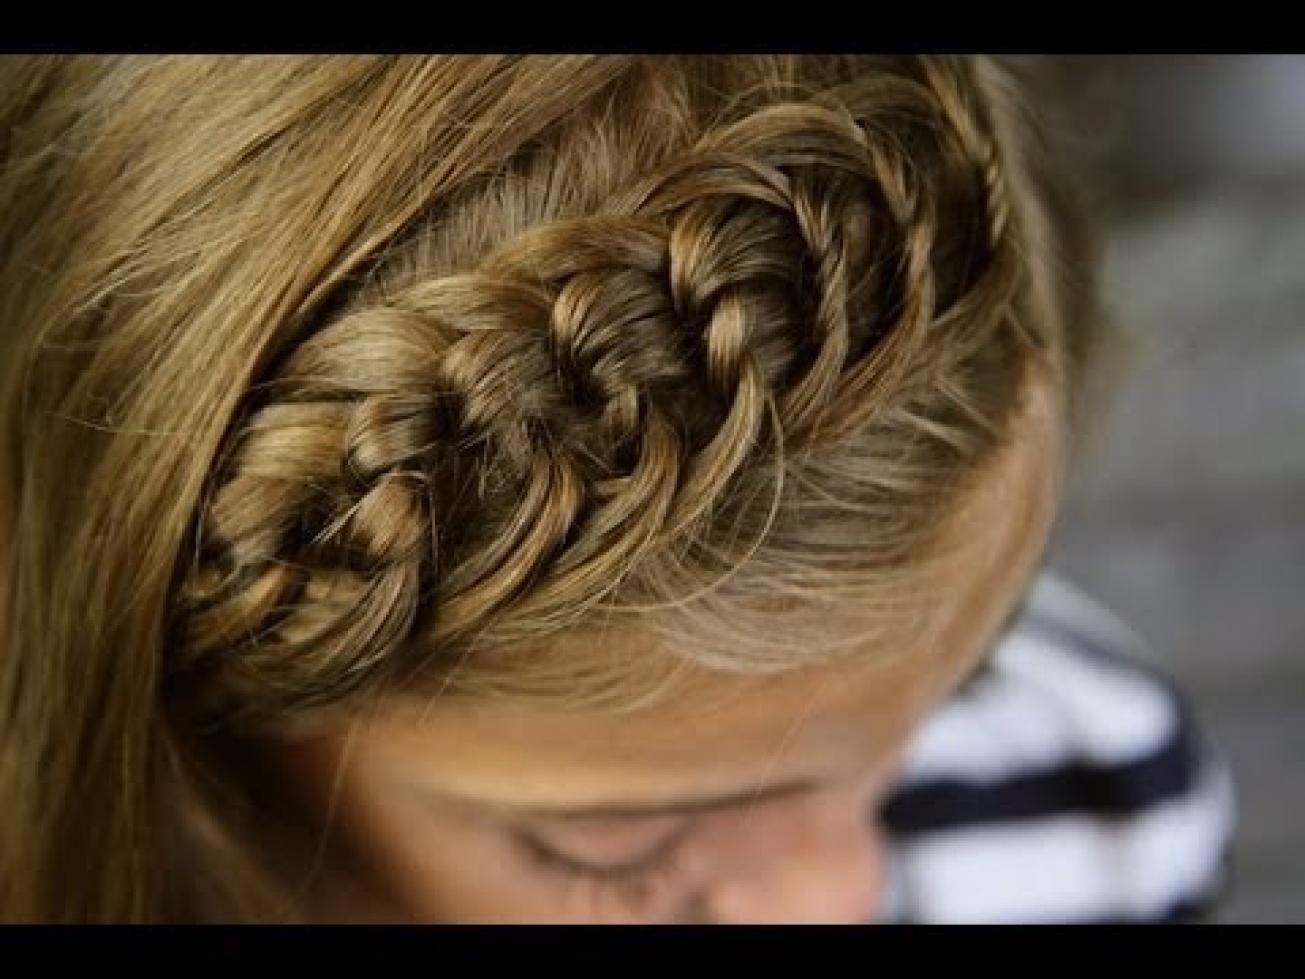 youtube braid master   The Knotted Headband   Bangs or Fringe ...